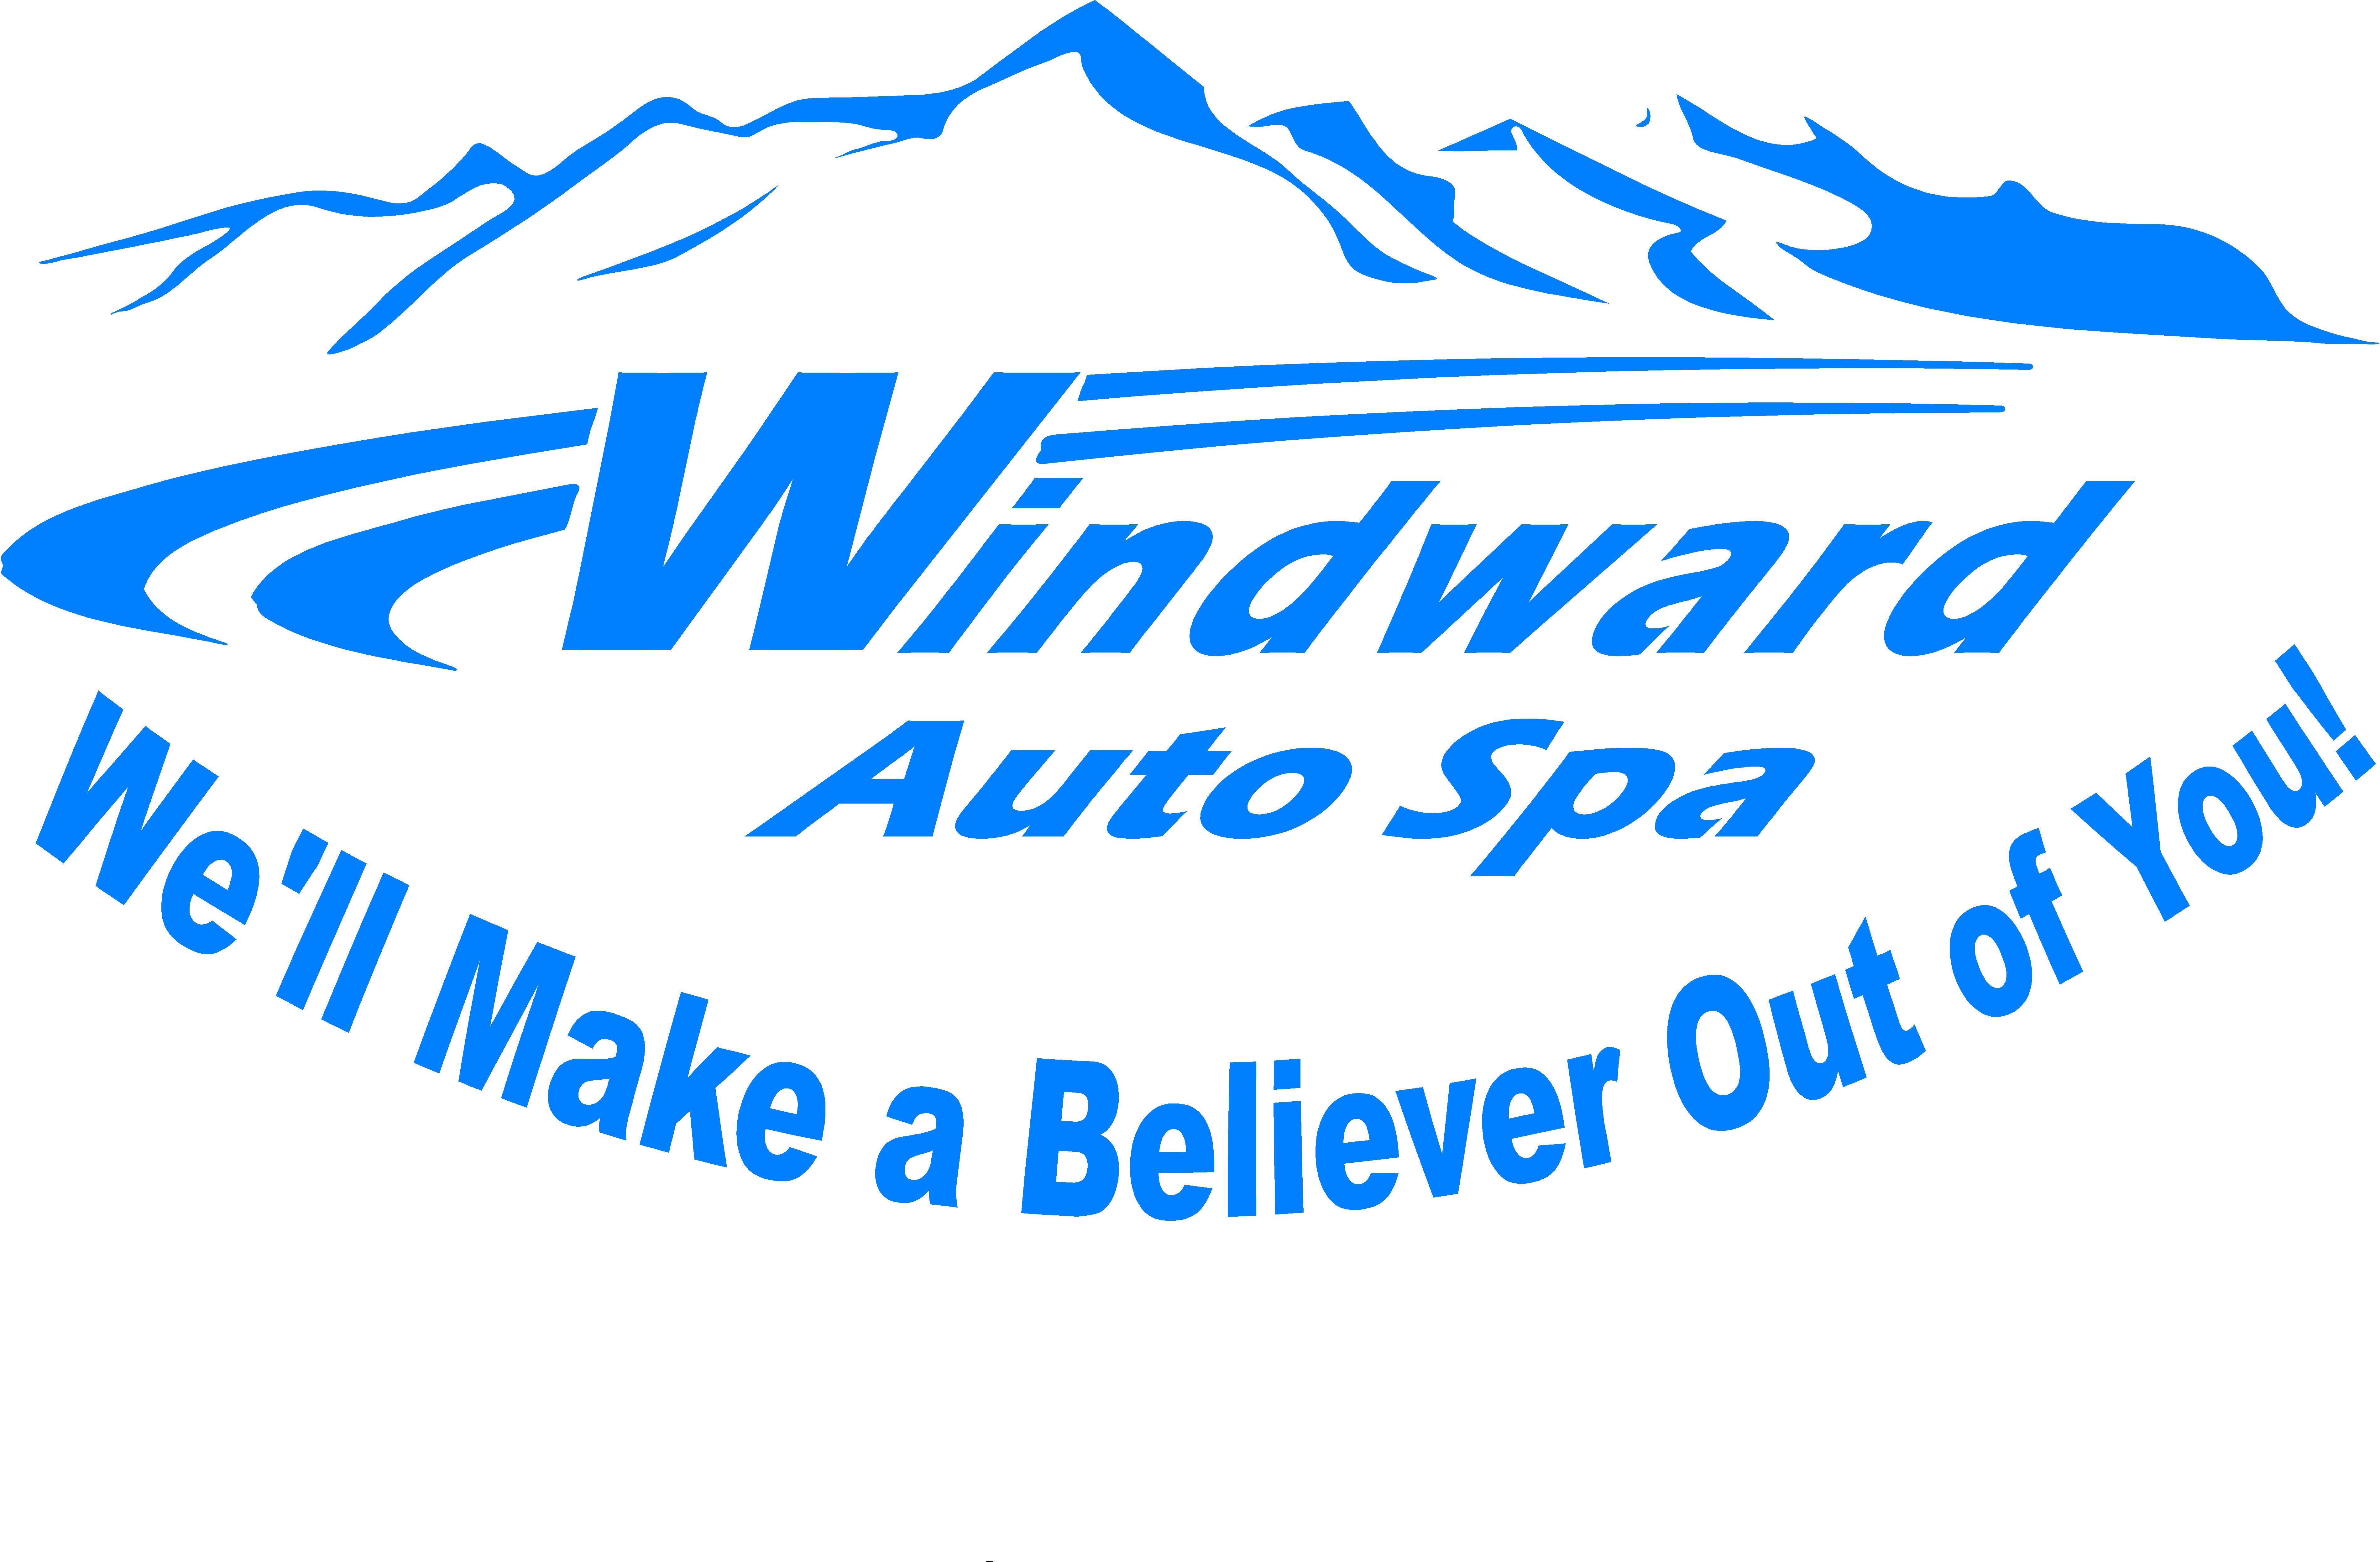 Windward Auto Spa